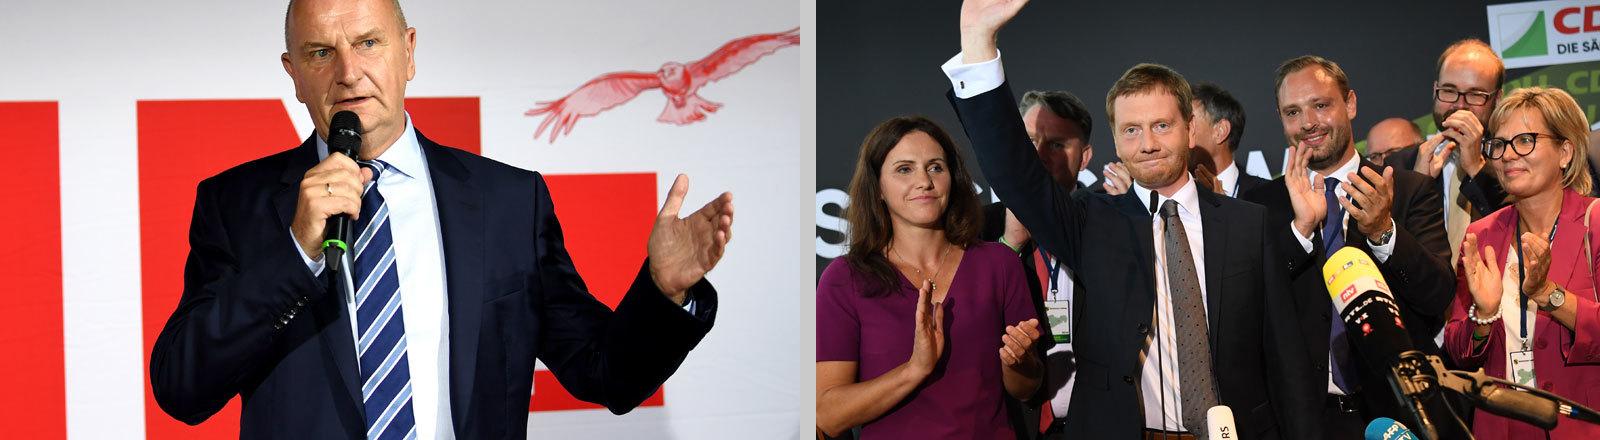 Collage: Auf dem Foto links ist Ministerpräsident Dietmar Woidke nach der Wahl in Brandenburg zu sehen; das Foto rechts zeigt Ministerpräsident Michael Kretschmer nach der Wahl in Sachsen; Fotos: dpa